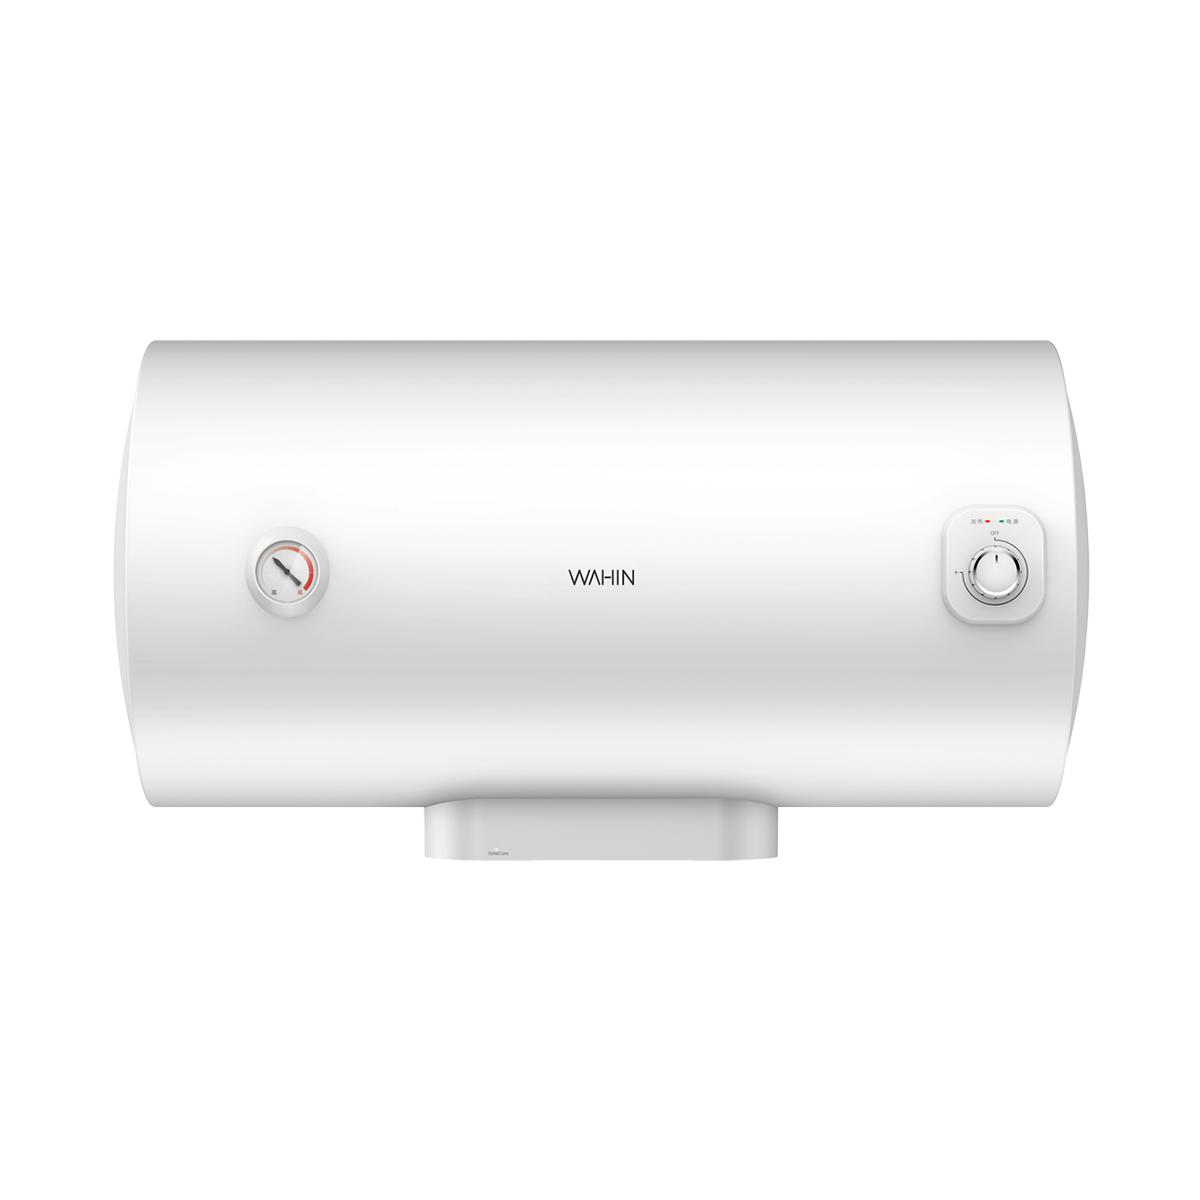 华凌 F4021-Y1电热水器 说明书.pdf